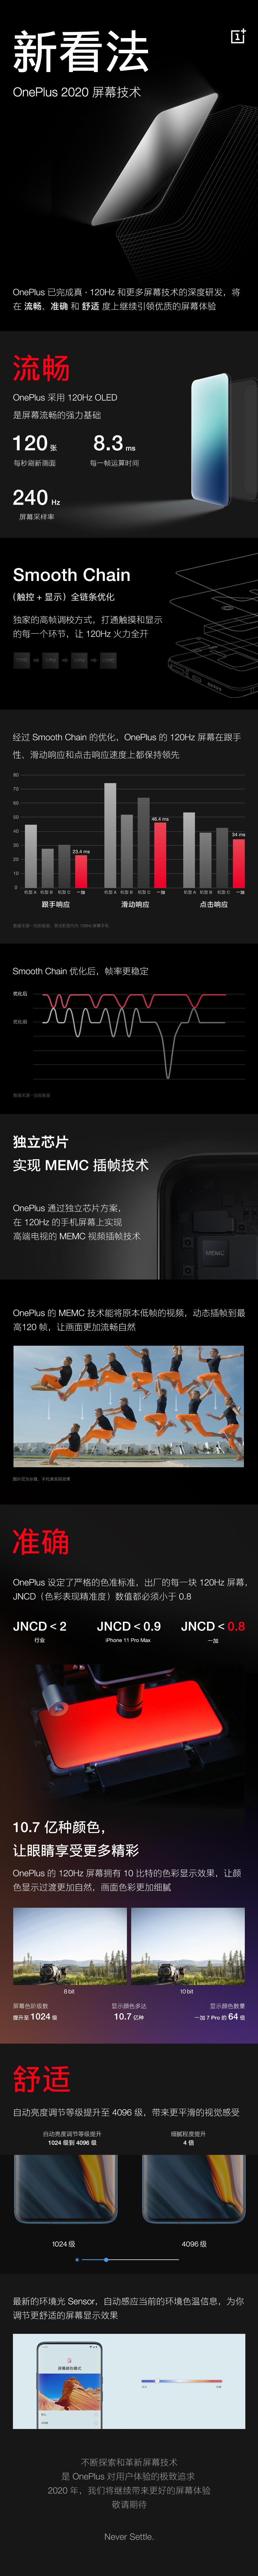 新看法 屏幕技术沟通会.jpg